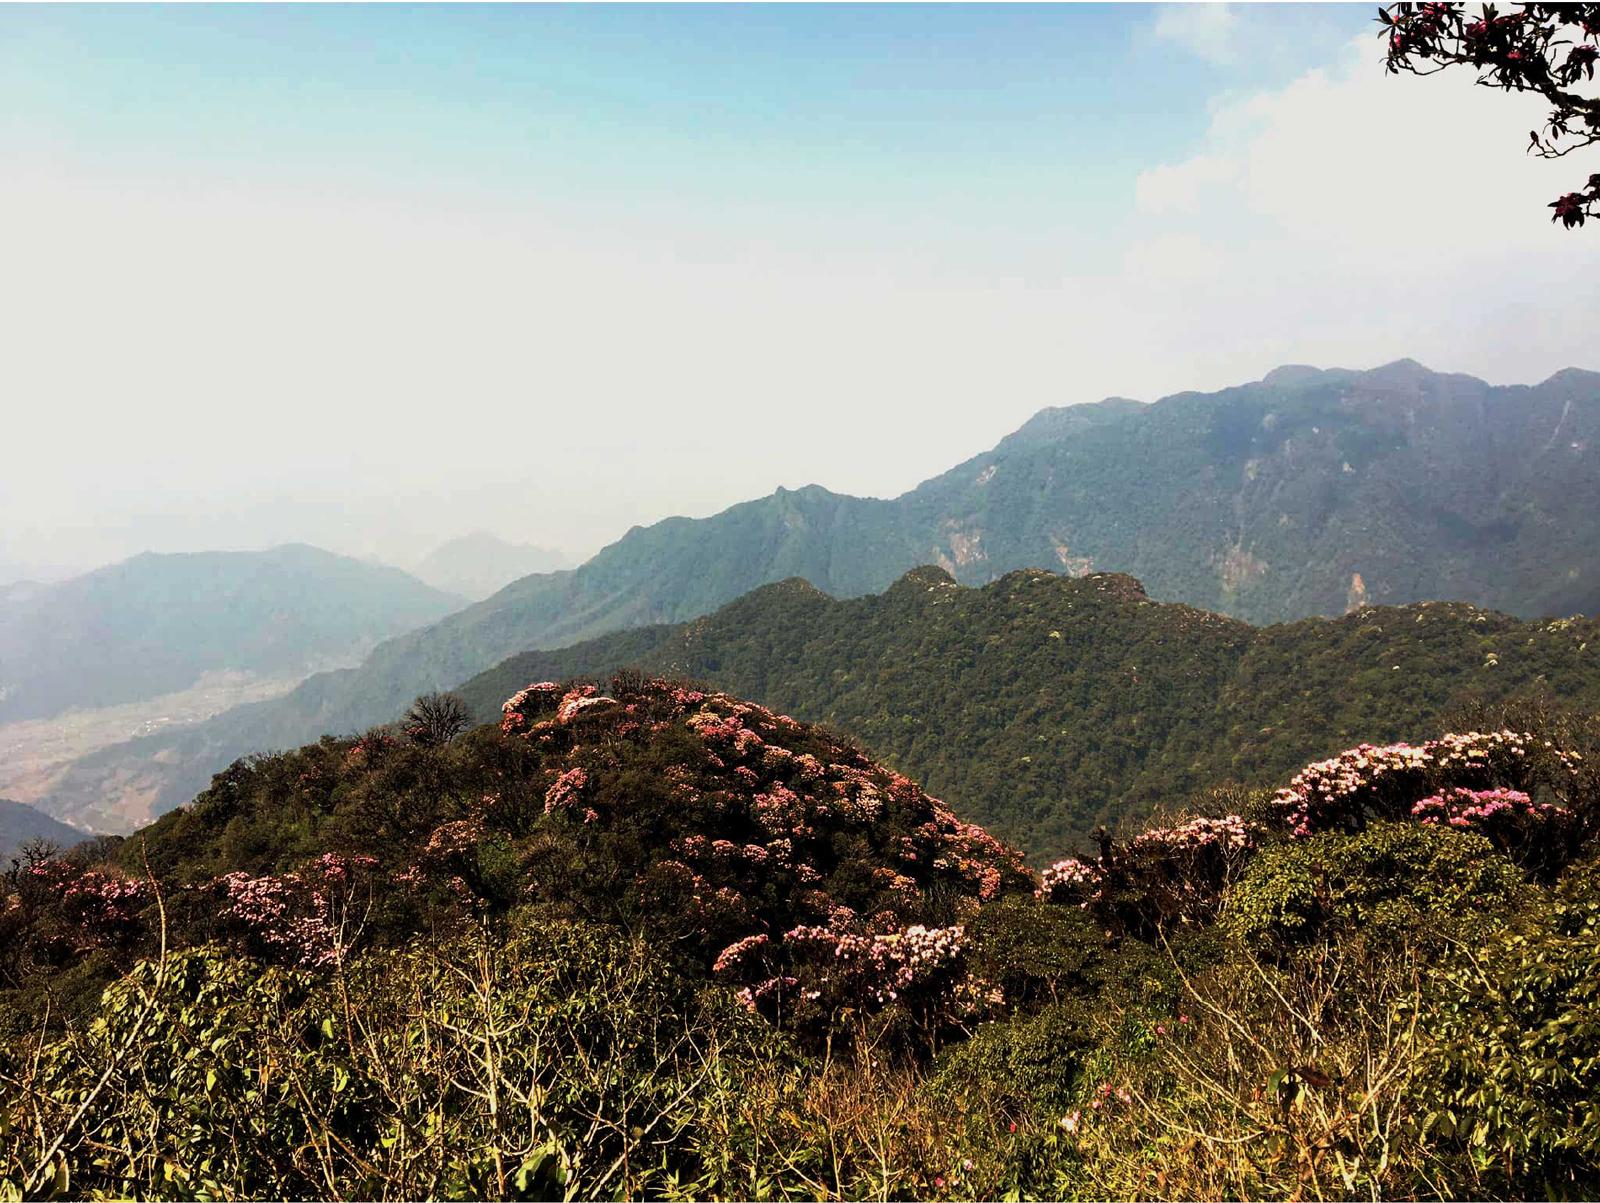 'Nữ hoàng' đỗ quyên 'bung lụa' trên đỉnh Fansipan ảnh 6